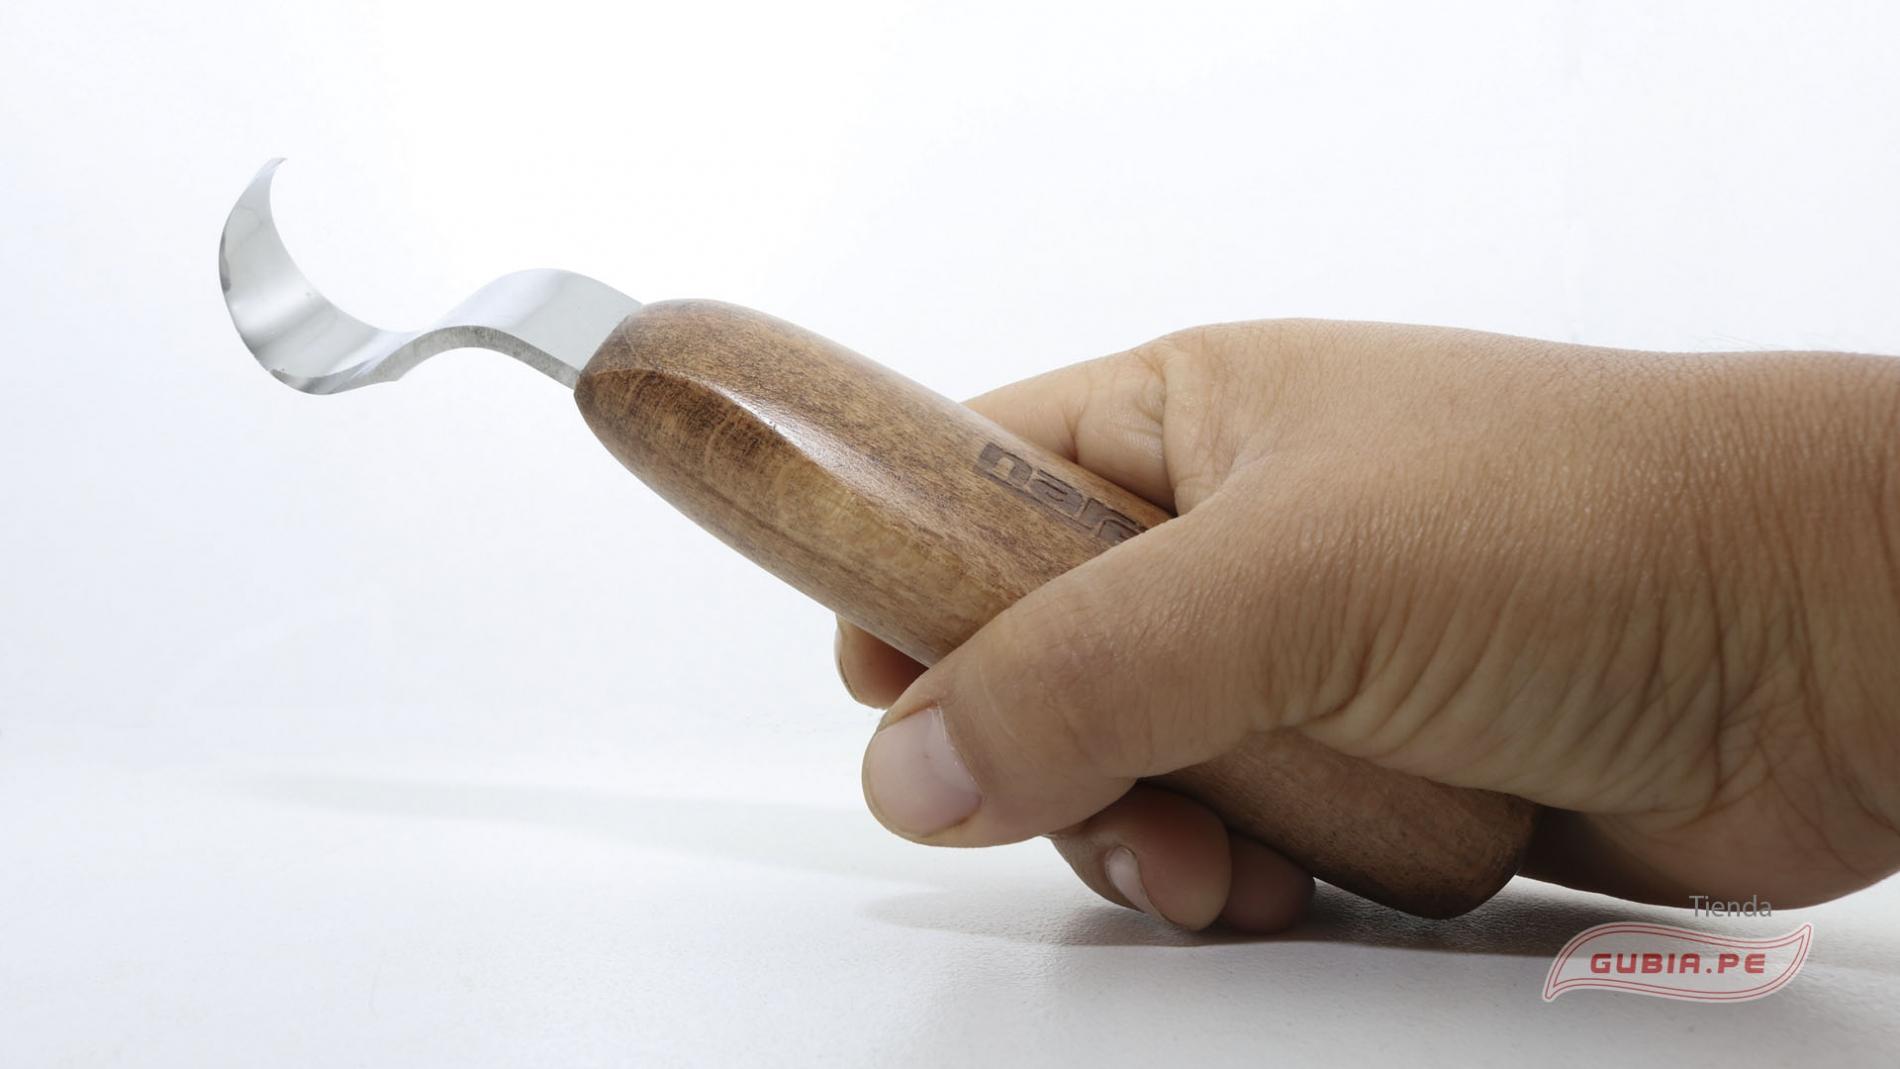 822104-Cuchilla para cucharas derecha pequeña Narex 822104-max-2.